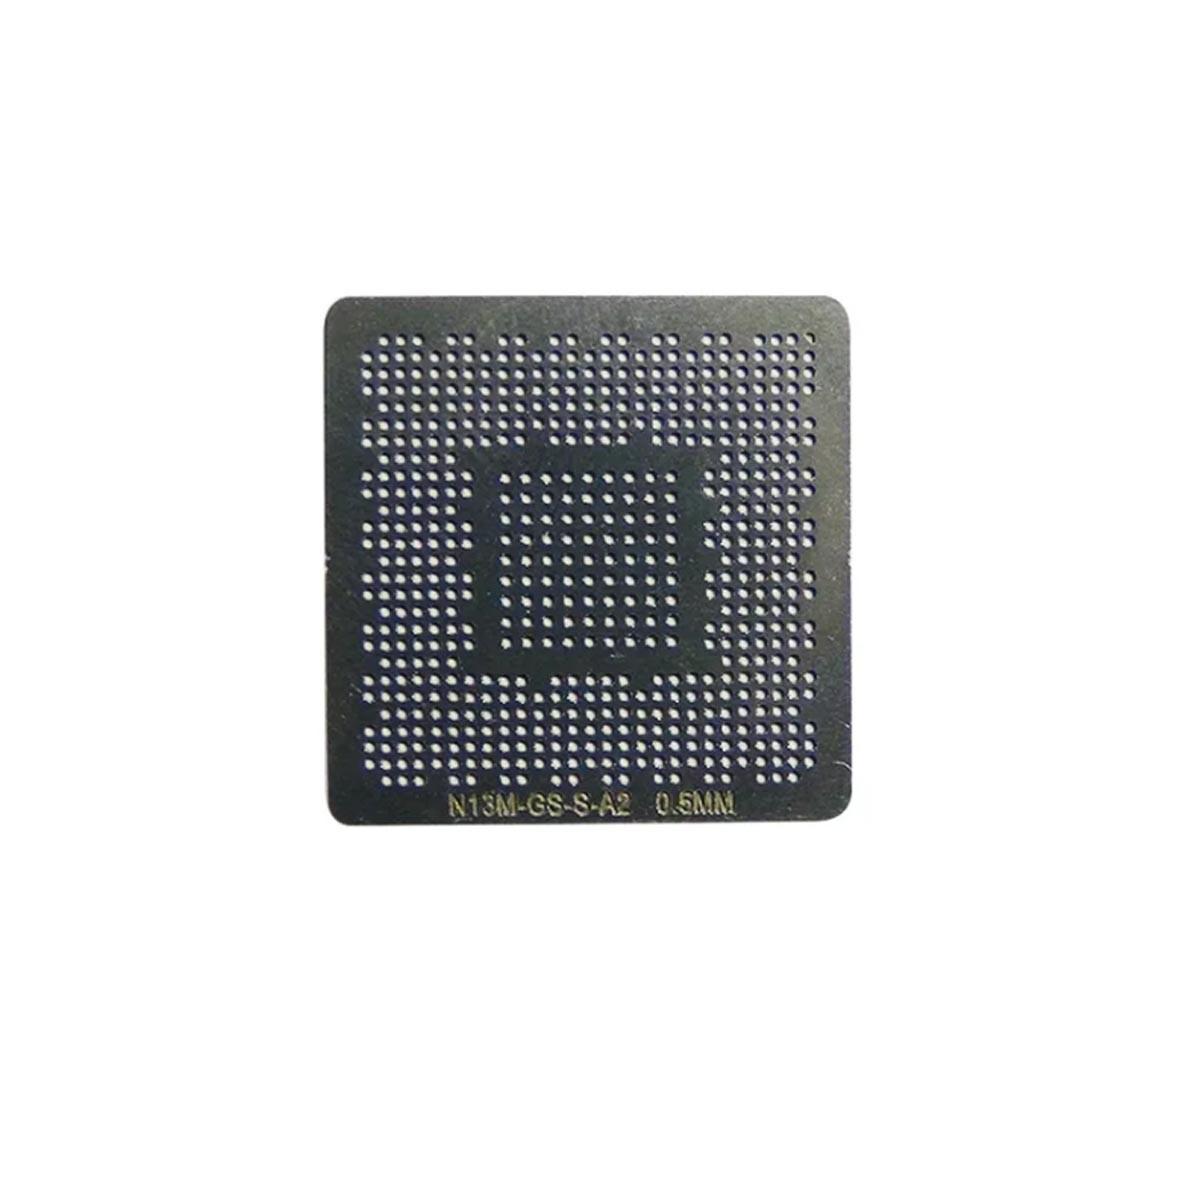 Stencil Calor Direto Nvidia N13M-GS-S-A2 N14M-GL-S-A2 N14P-GV2-S-A1 N13P-GV2-S-A2 0,50 N13M-GS-B-A2